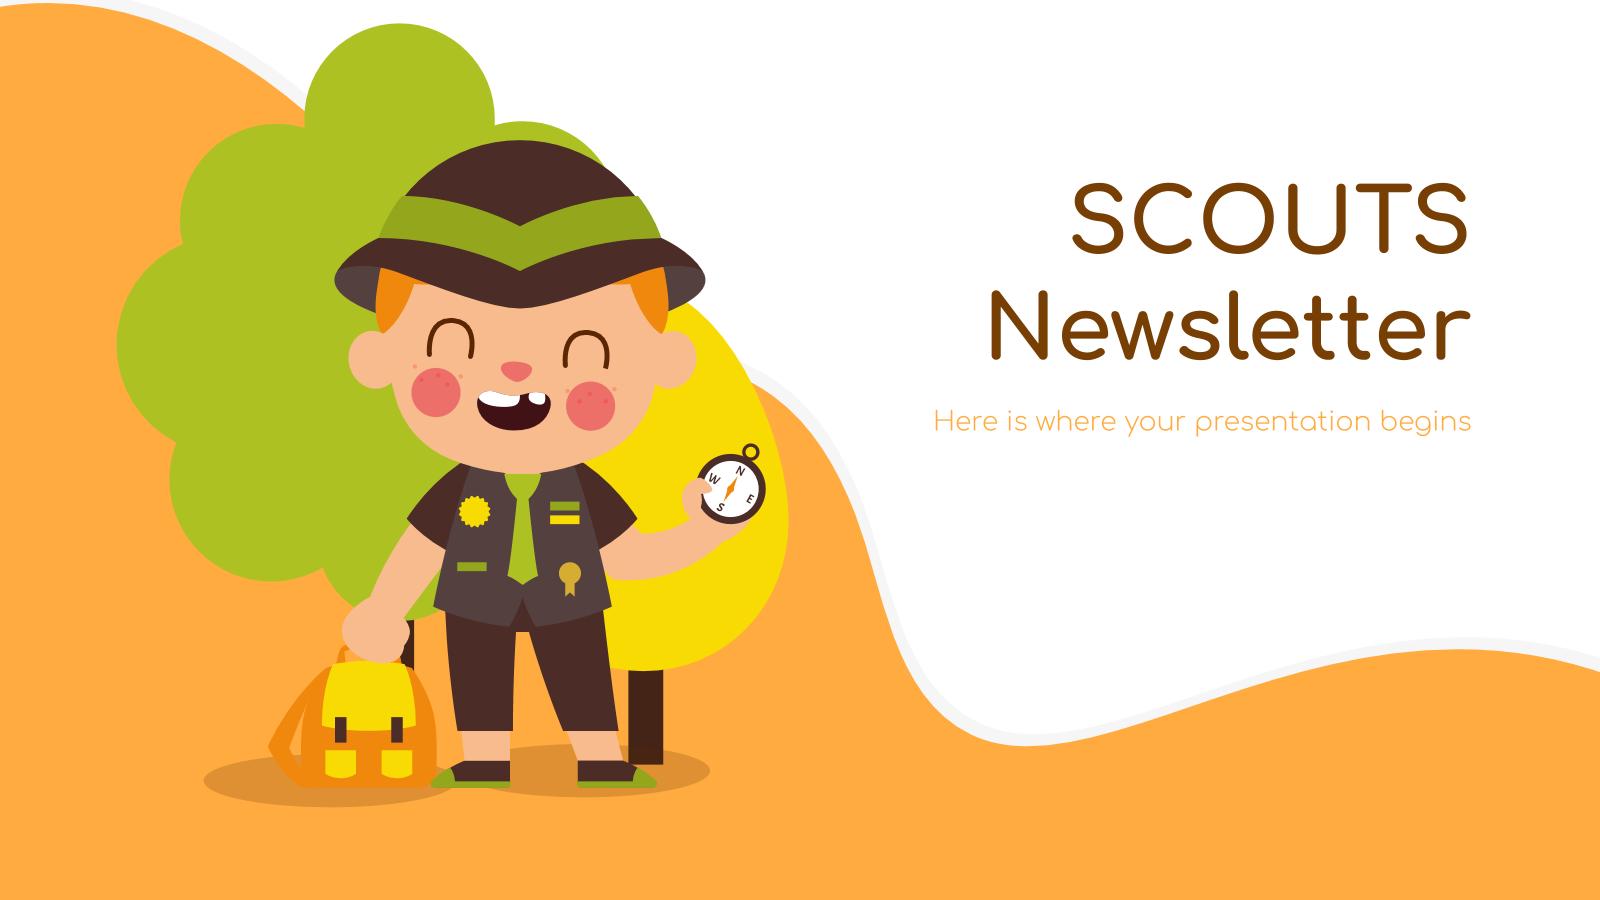 Newsletter pour les scouts : Modèles de présentation